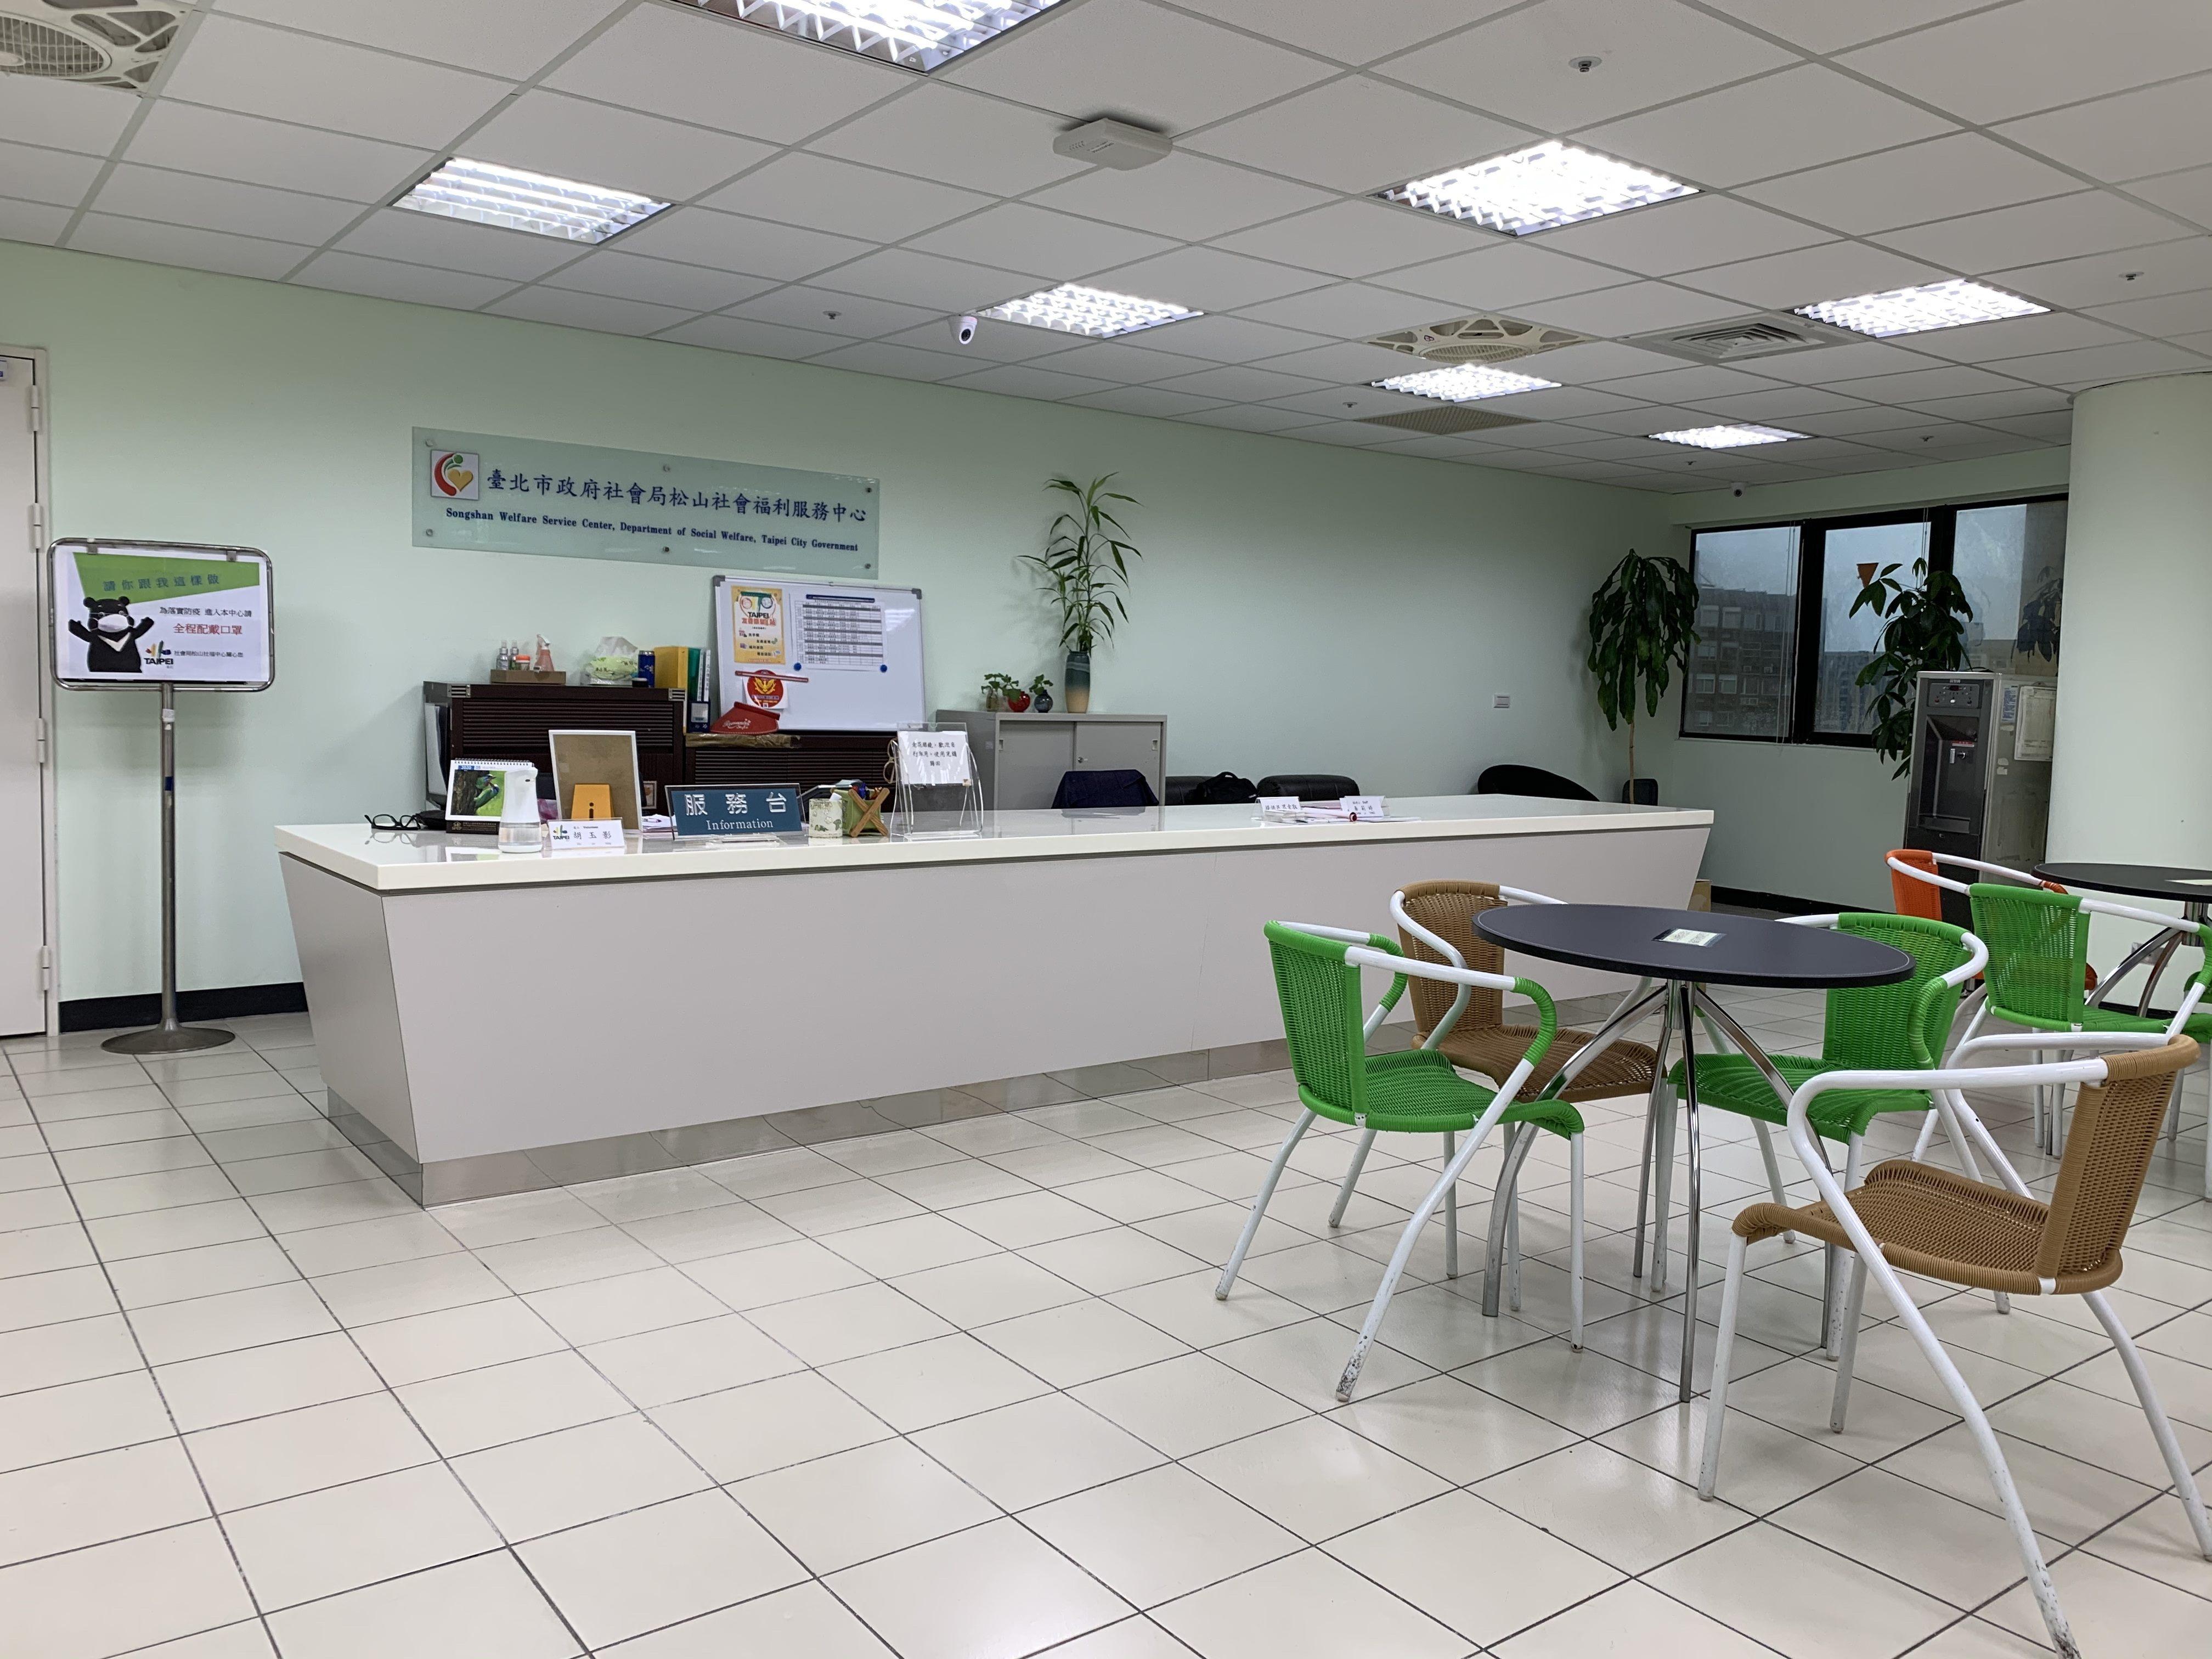 建築類05-臺北市松山區民生社區大樓9樓整修工程